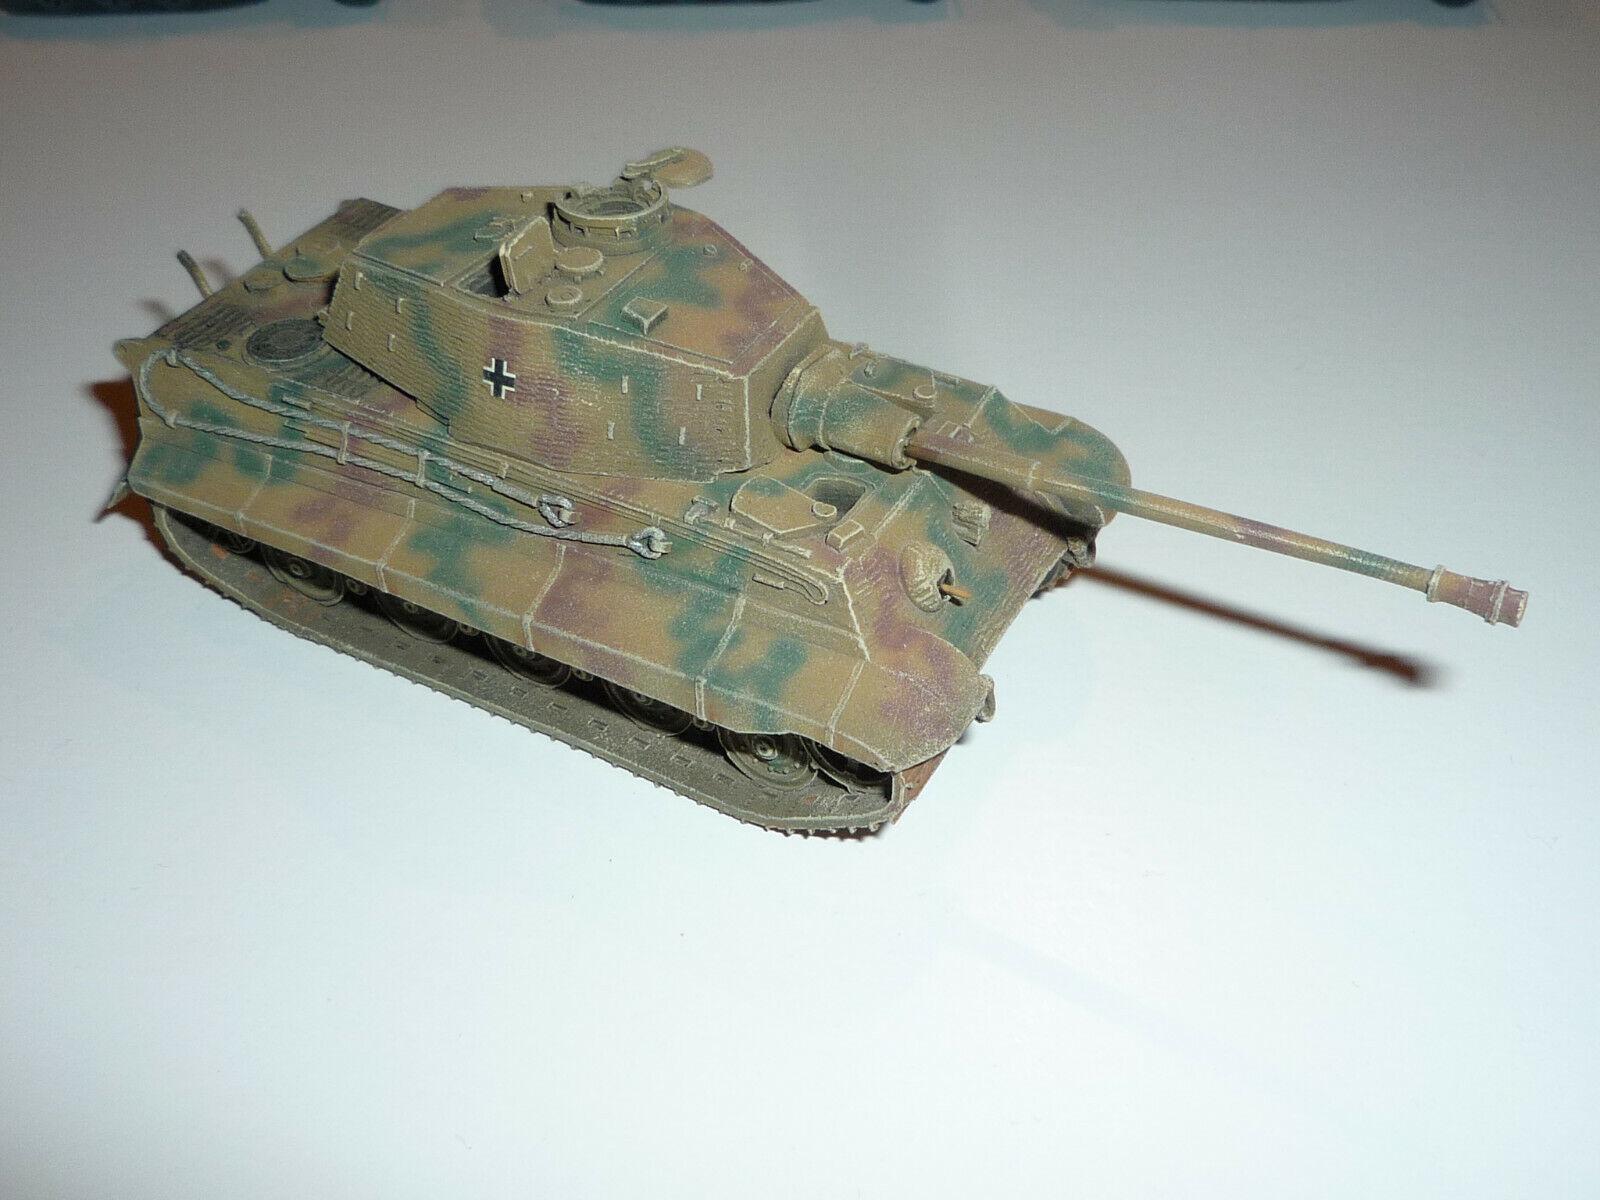 elige tu favorito Artitec 1 87 87 87 - 387.75-cm Tiger II (porsche), Zimmerit, camuflaje-leer x448x   El nuevo outlet de marcas online.